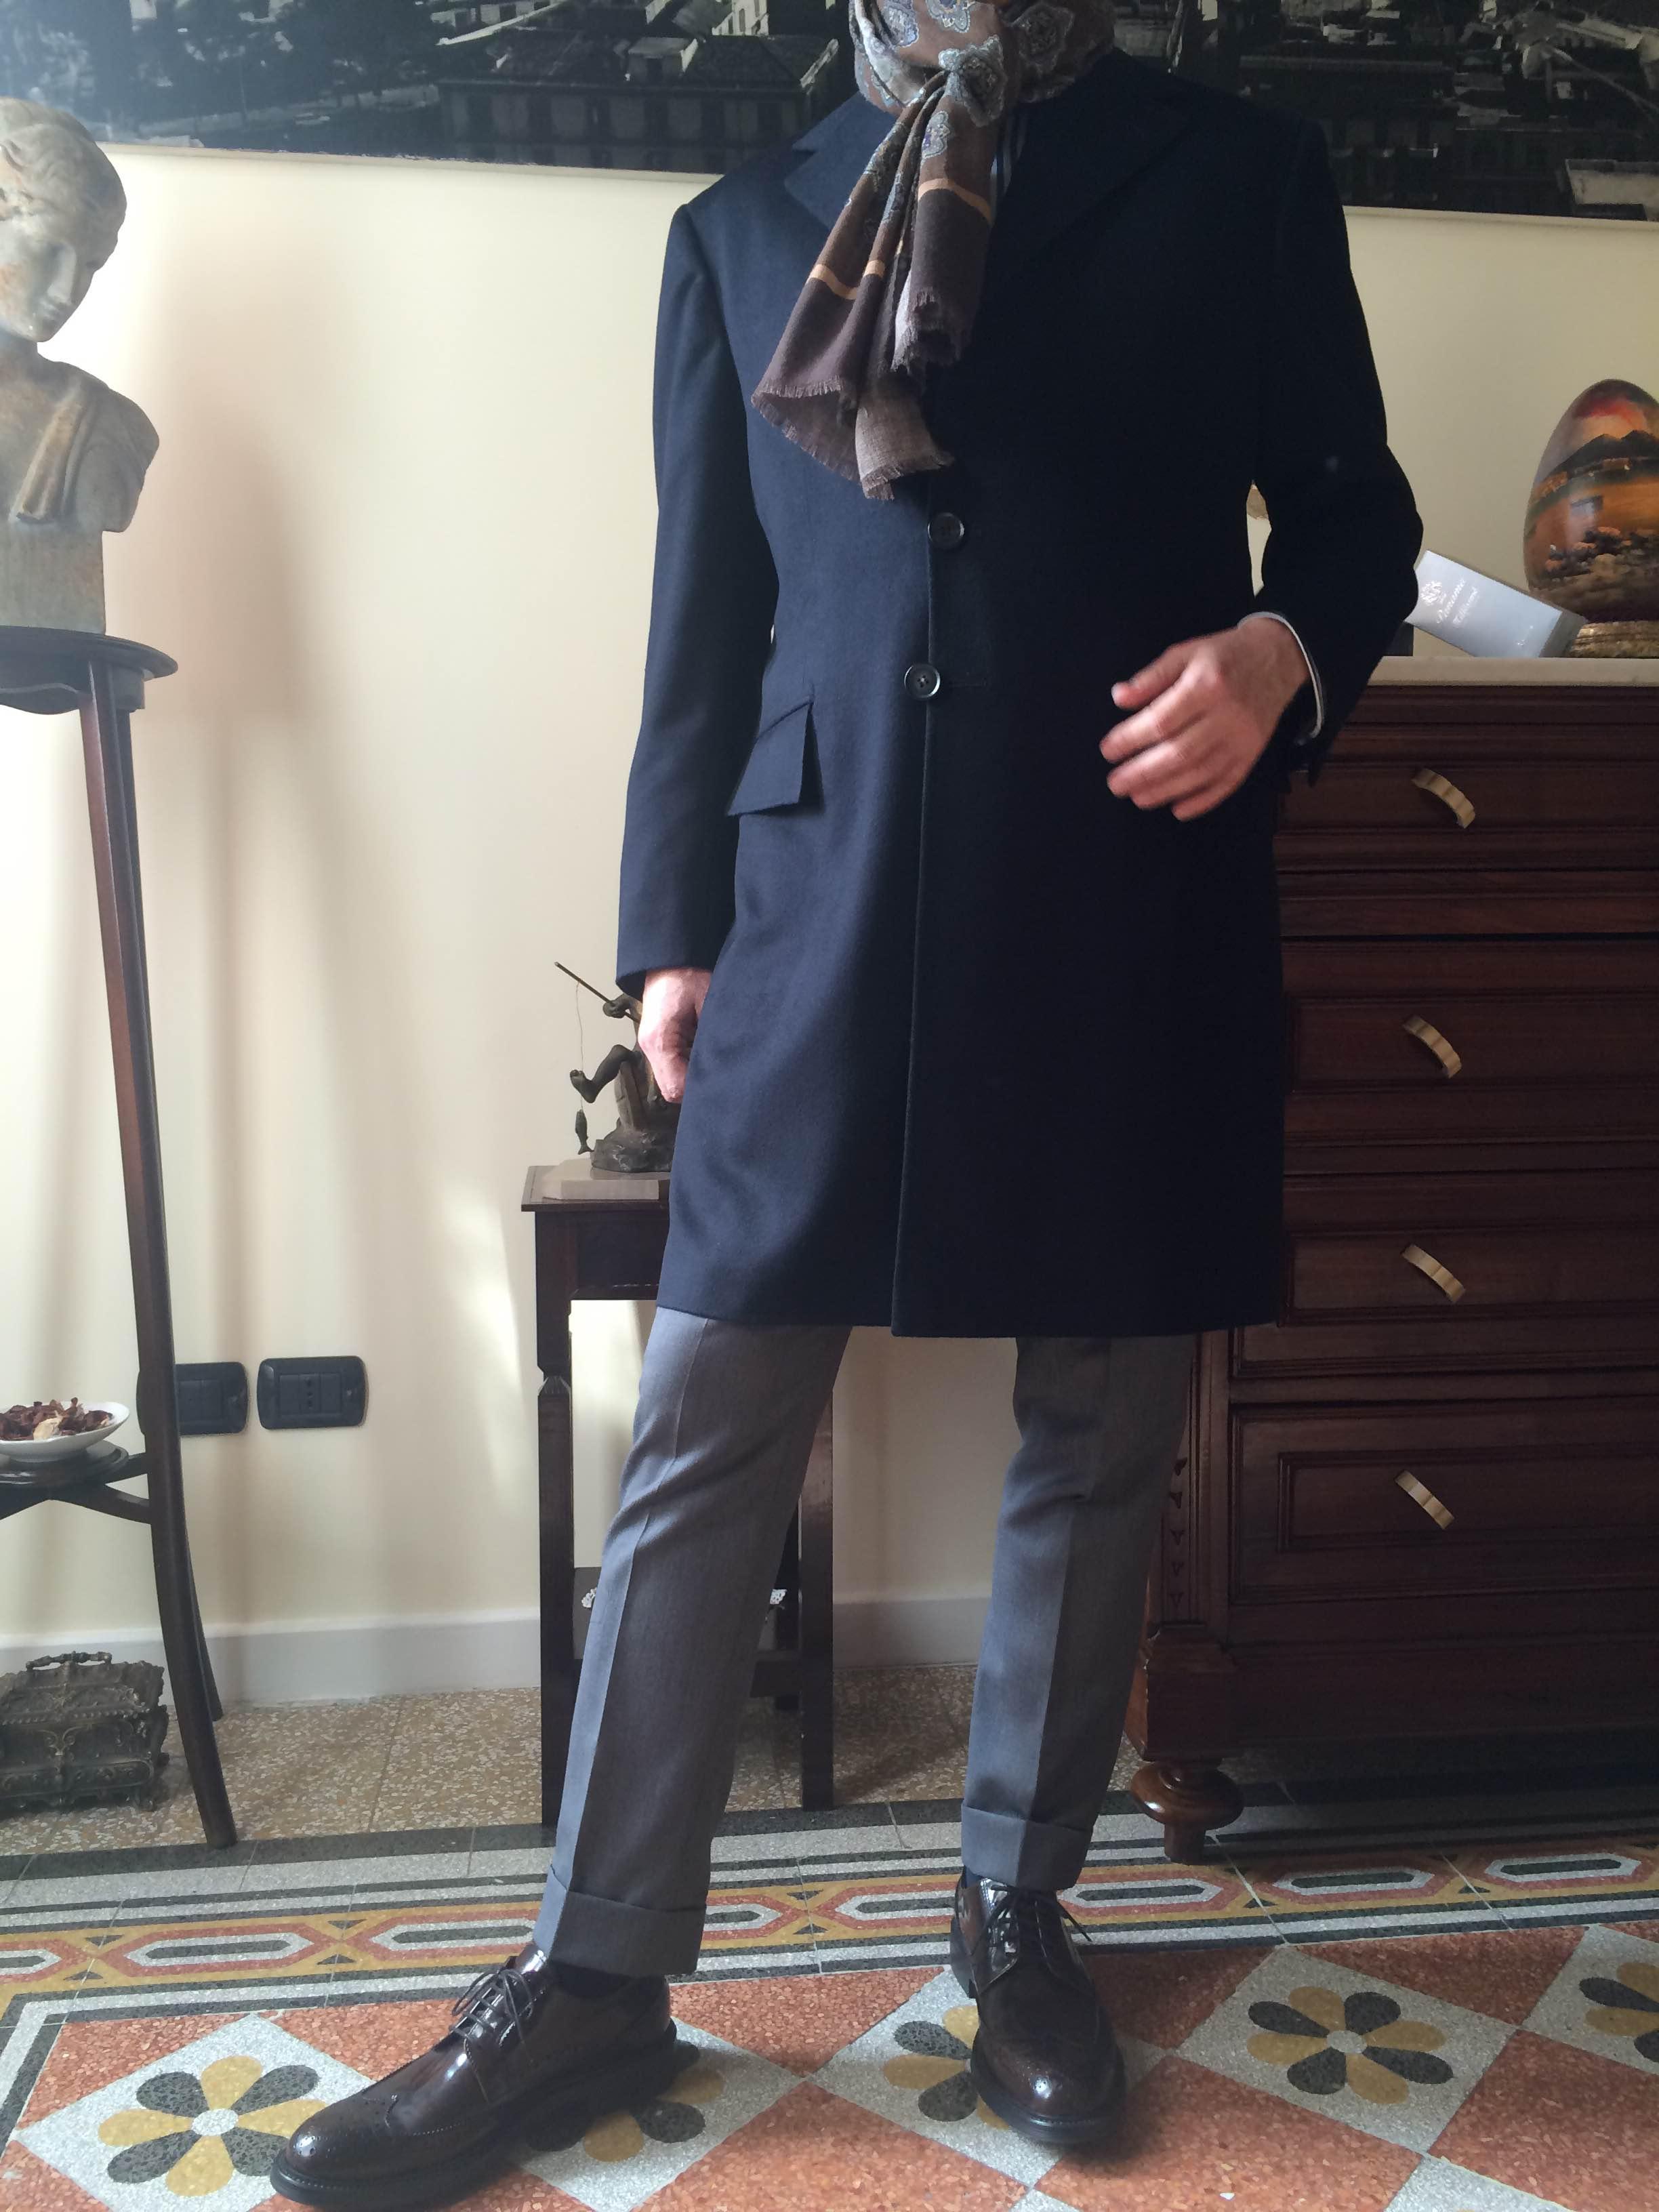 Cappotto monopetto cachemire blu artoria napoletana Sartoria Napoletana, artigiano, sarto, sartoria antonelli, sartoria artigianale, artigianato napoletano, napoli